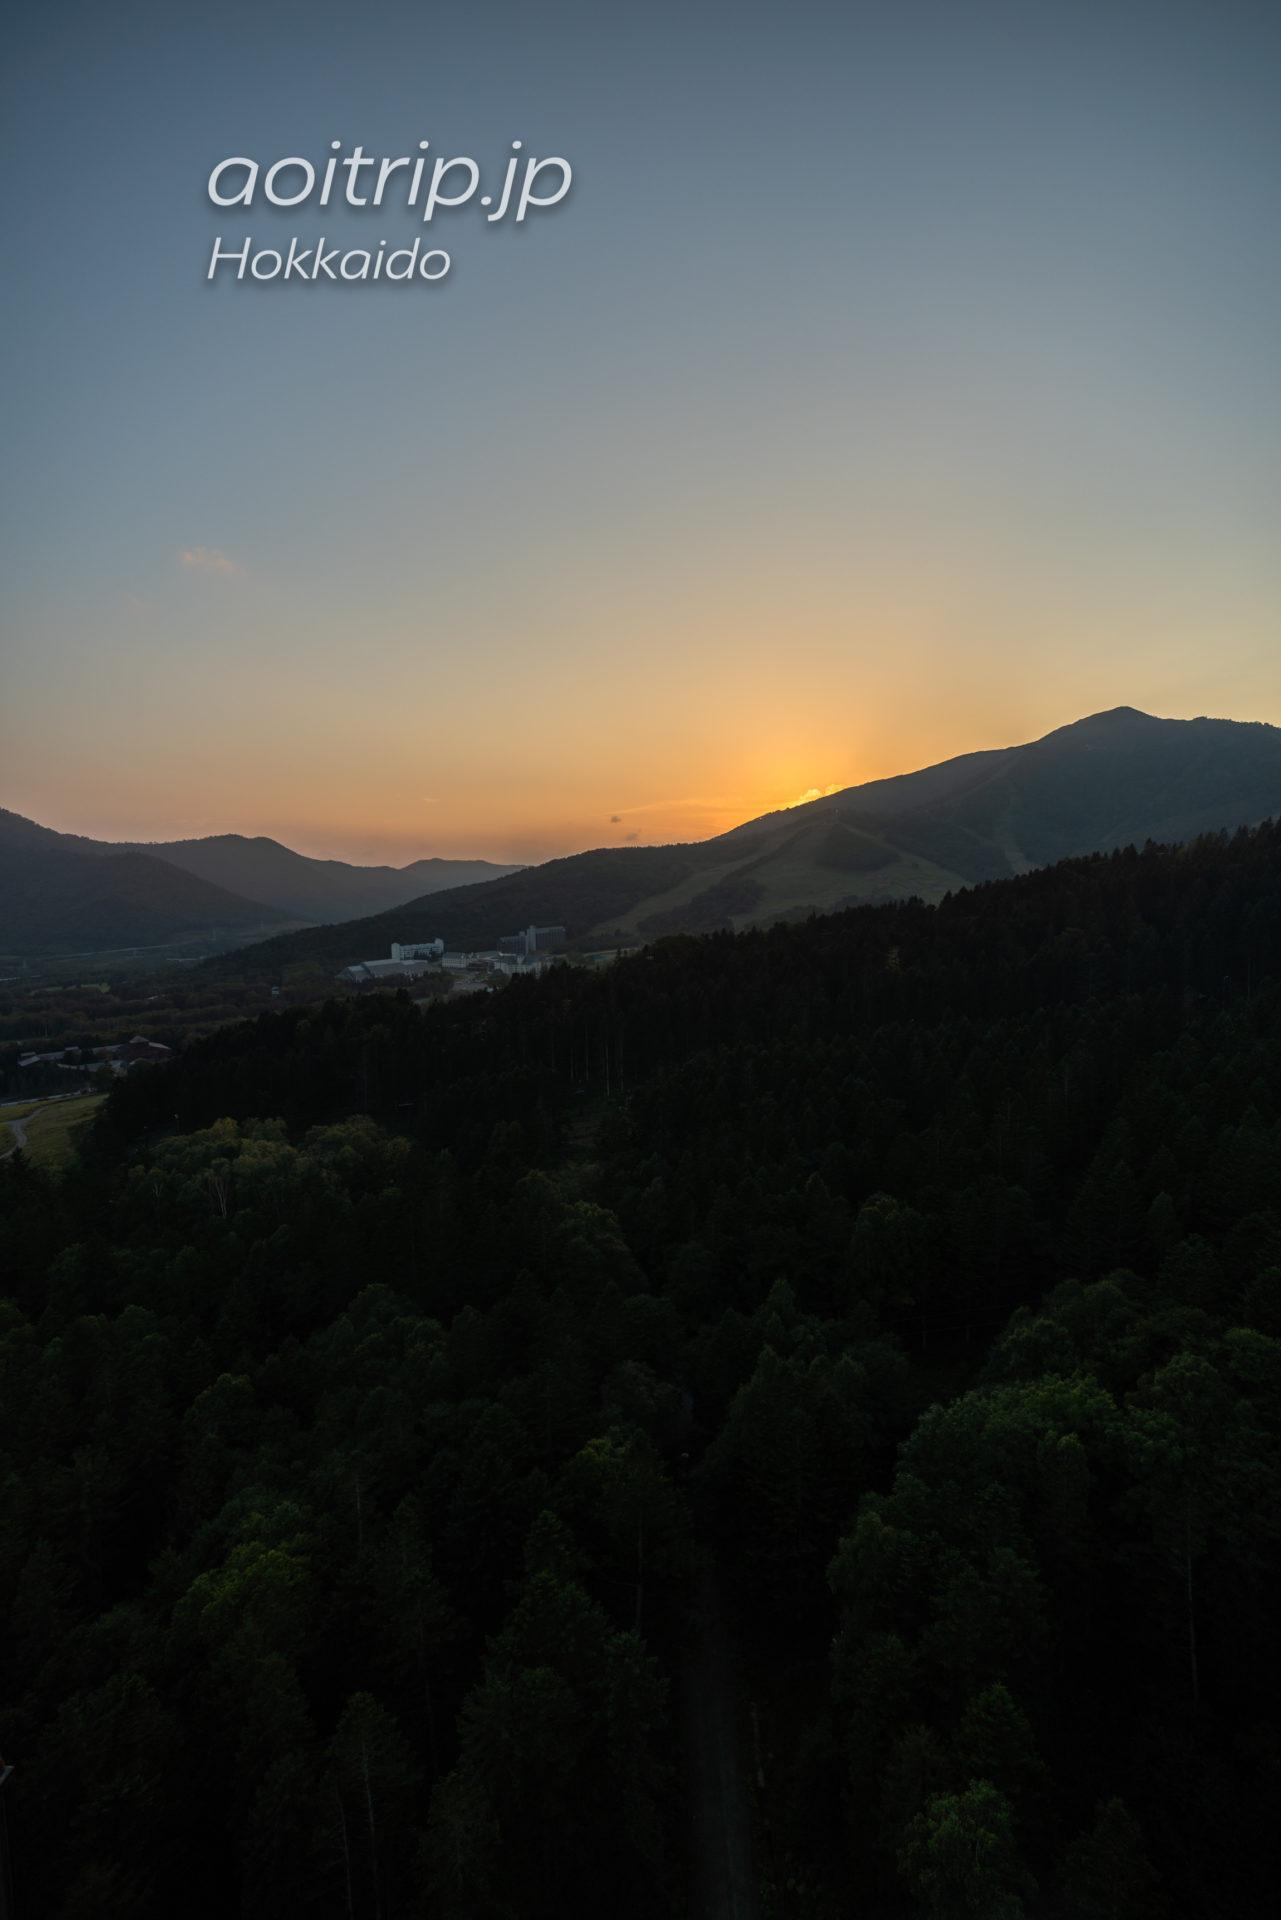 星野リゾート リゾナーレトマム 宿泊記|Hoshino Risonare Tomamu スイートツインルームの客室から望む夕焼け